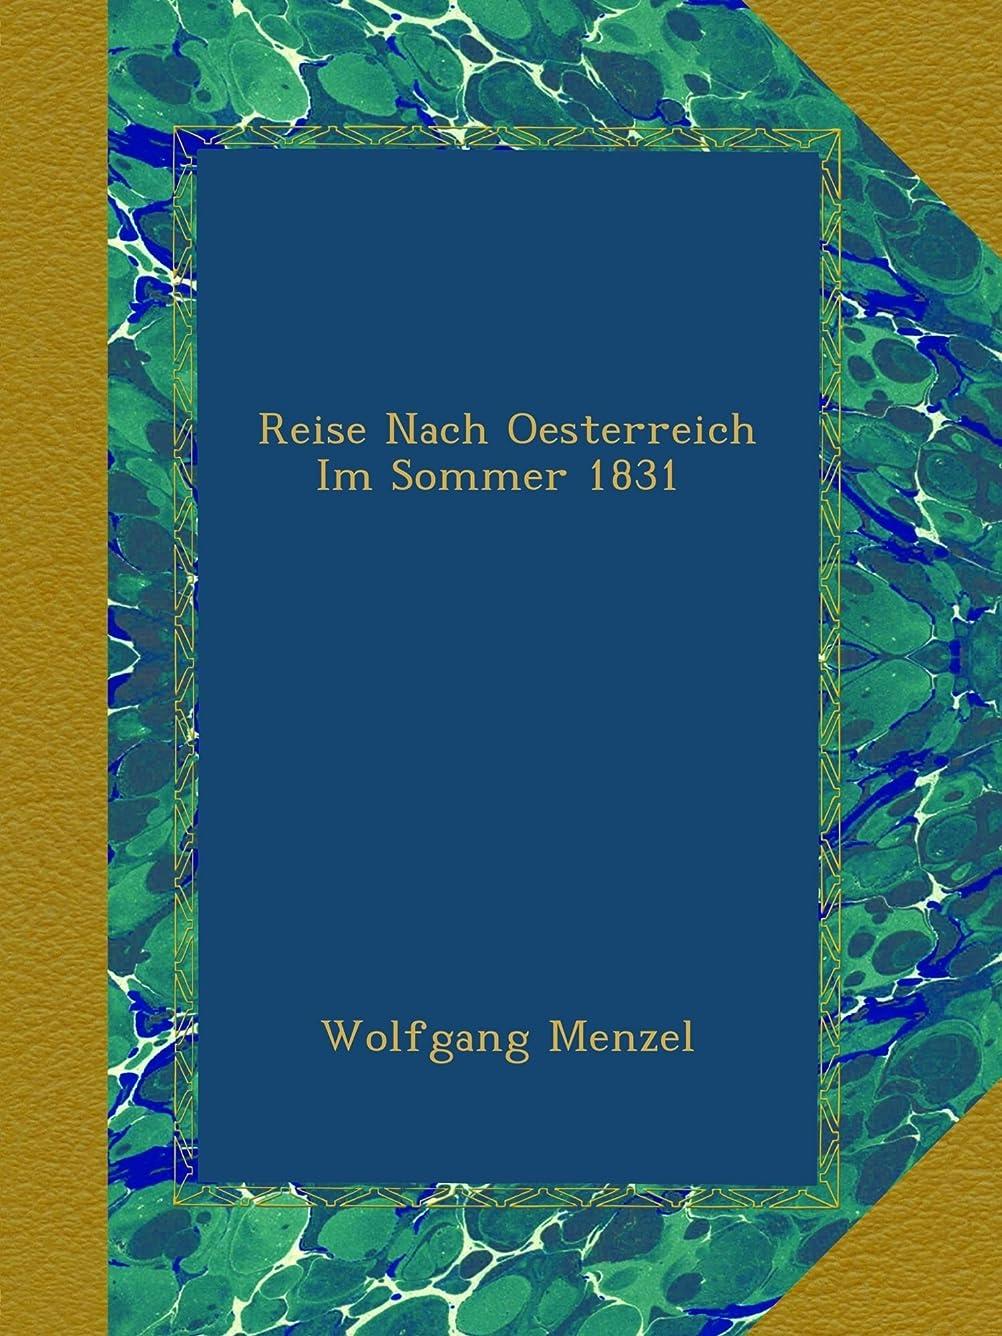 クレーター研磨剤敬なReise Nach Oesterreich Im Sommer 1831 [I. E. Achtzehnhunderteinunddreissig]